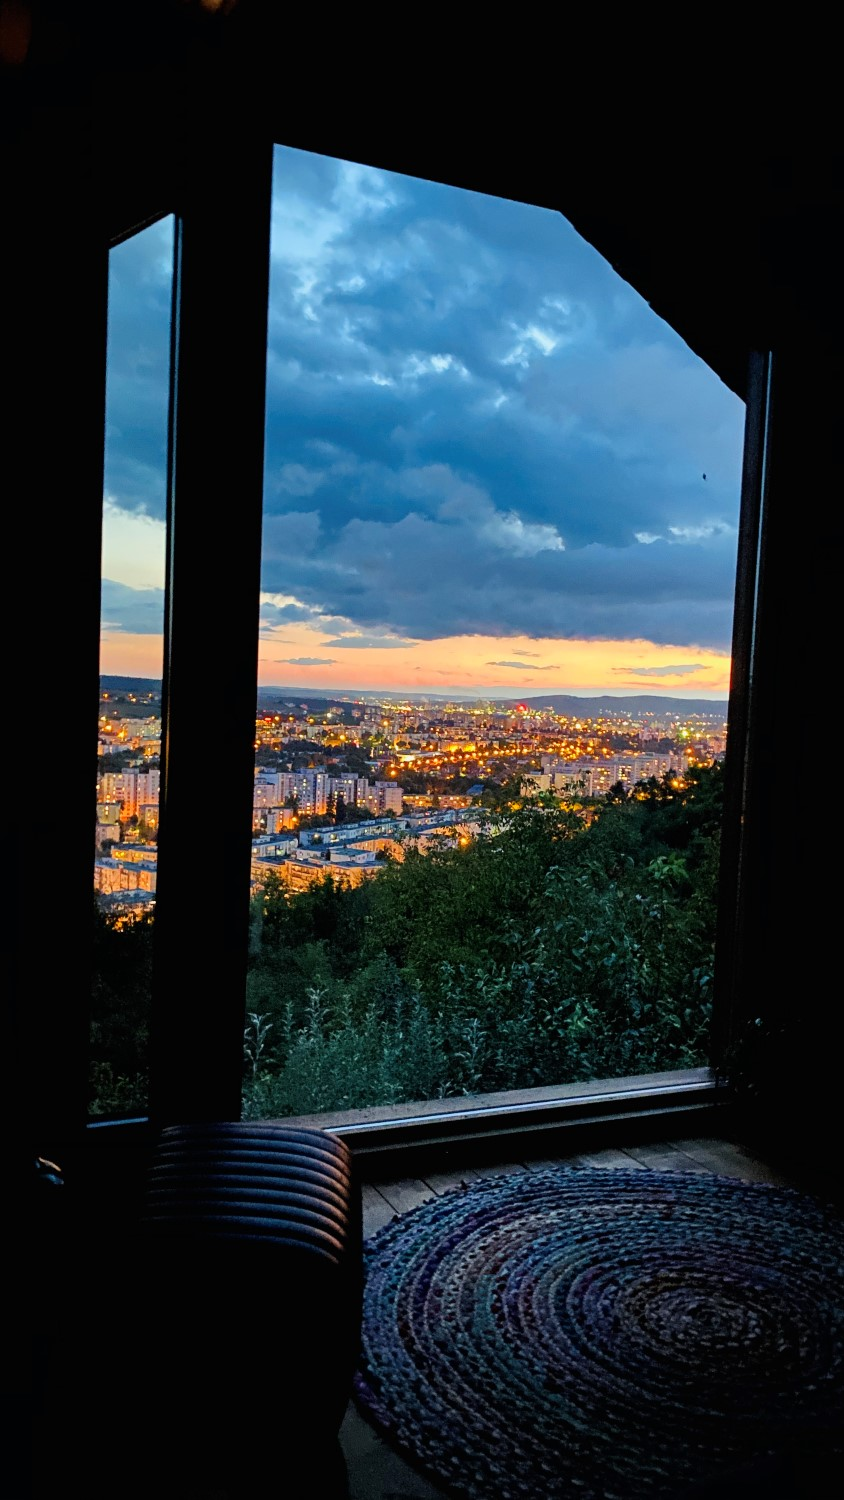 Căsuța este poziționată pe un deal și are un view minunat asupra orașului